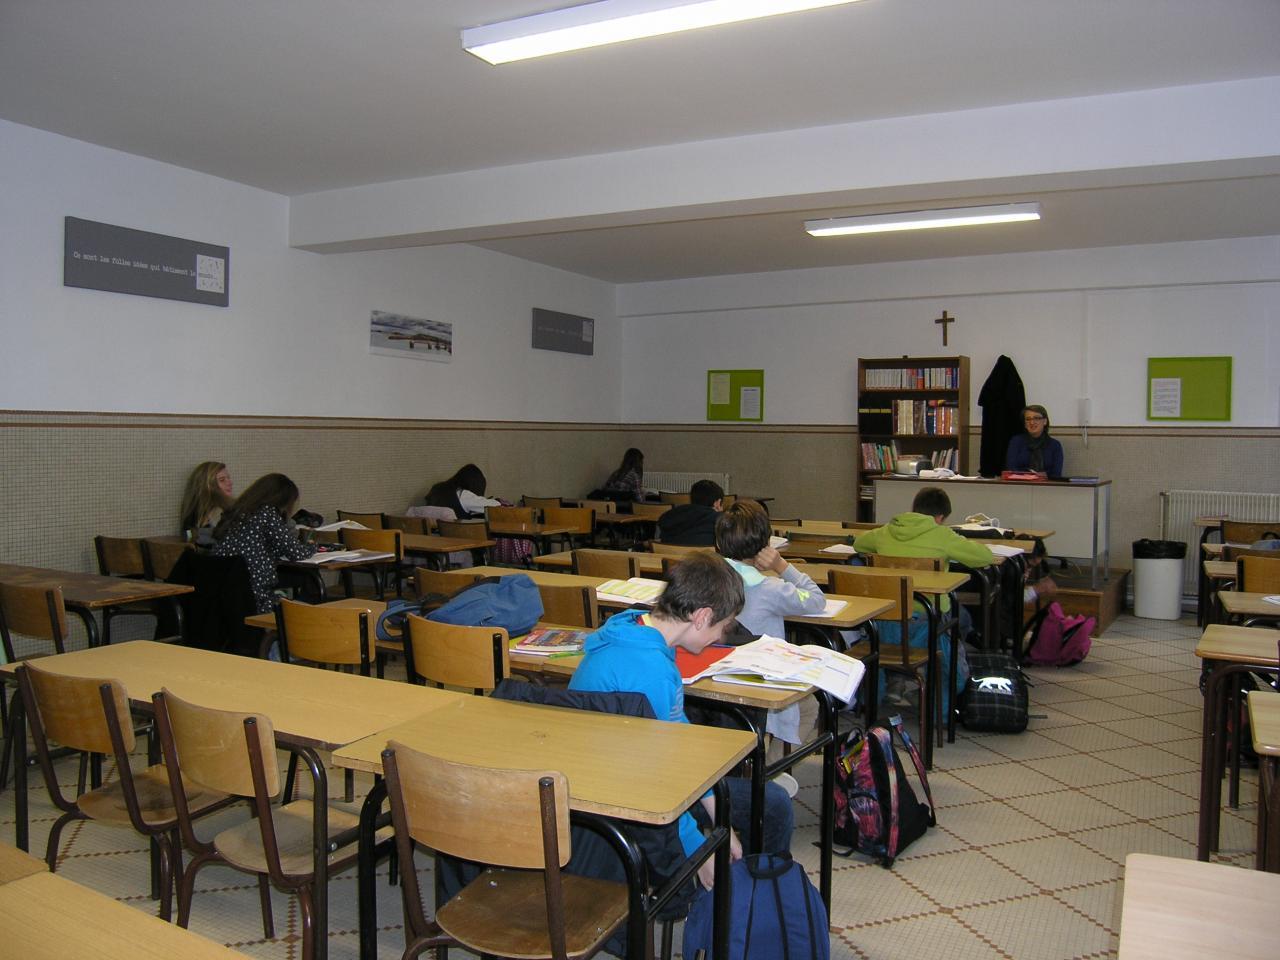 Salle d'étude au collège du Sacré-coeur